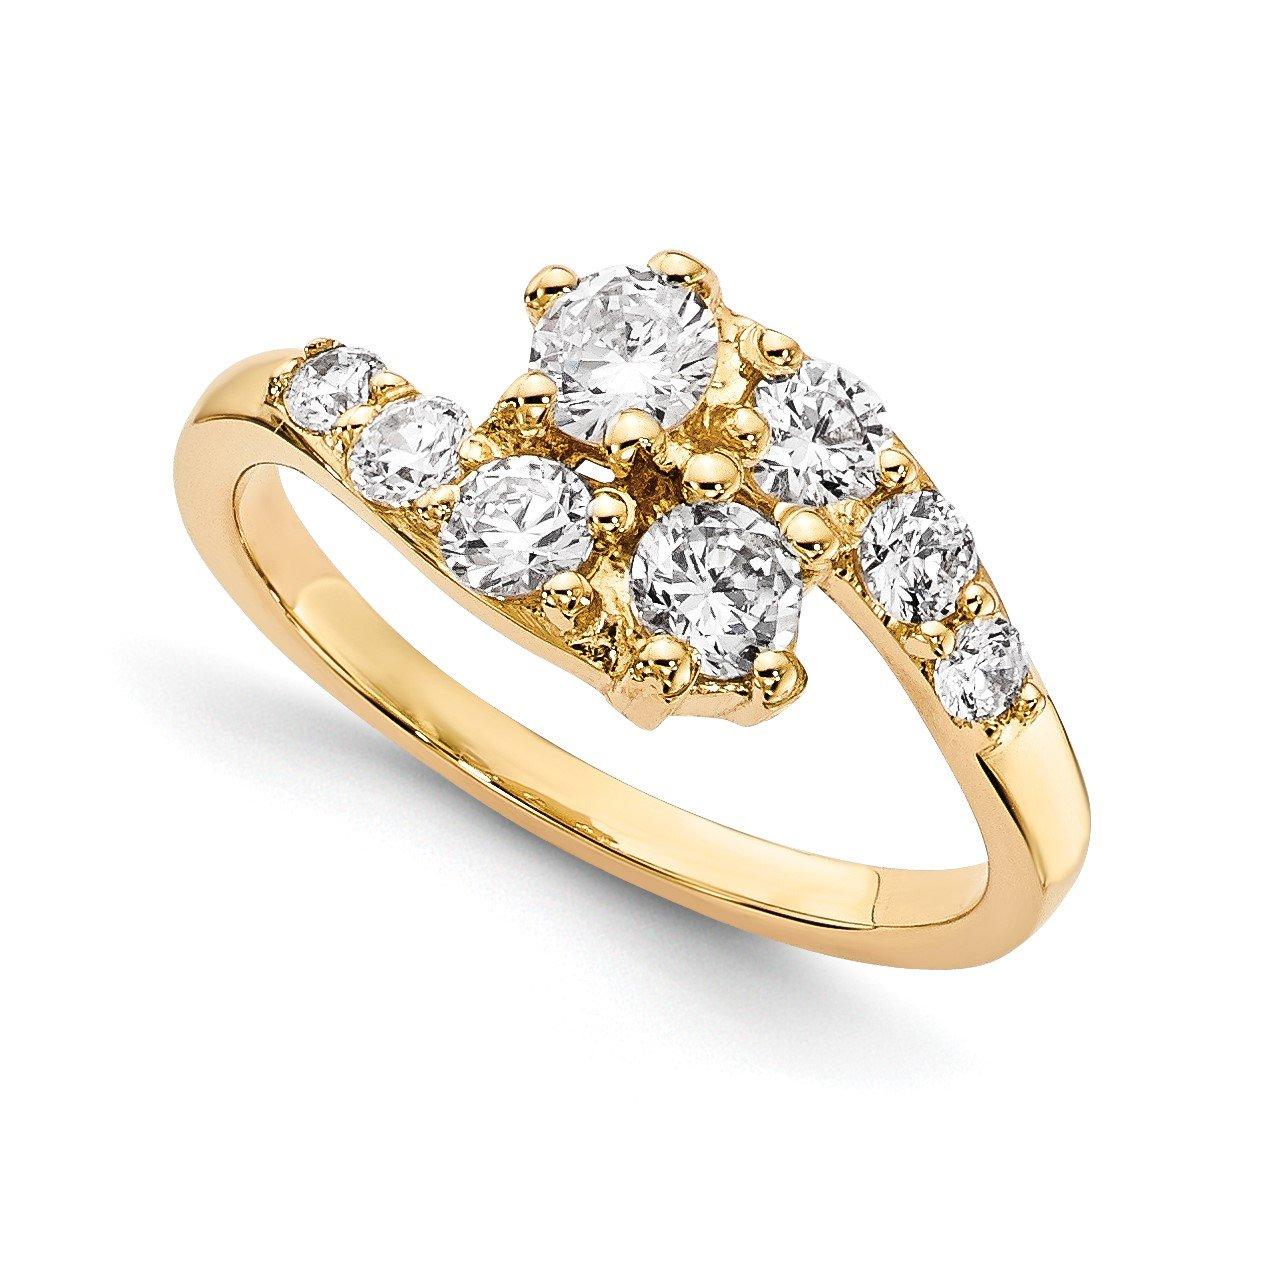 14KY AAA Diamond 2-stone Ring Semi-Mount - 2.8 mm center stones